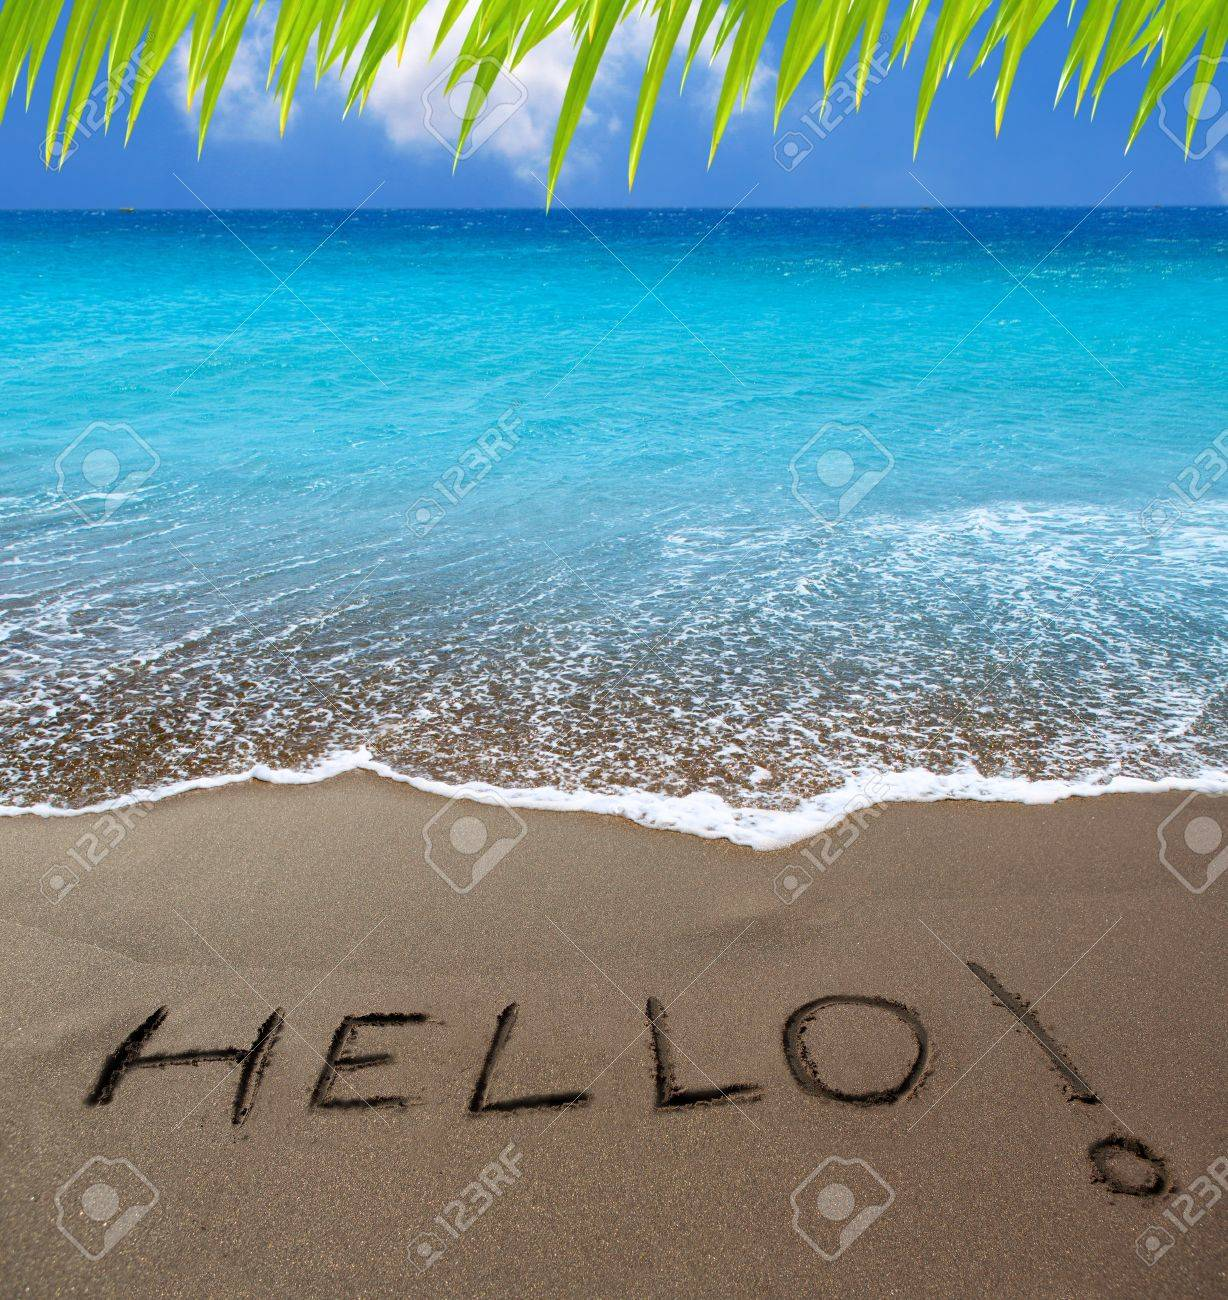 Dimanche 13 juin. 15275318-plage-de-sable-brun-avec-%C3%A9crit-bonjour-%C3%A0-%C3%8Eles-canaries